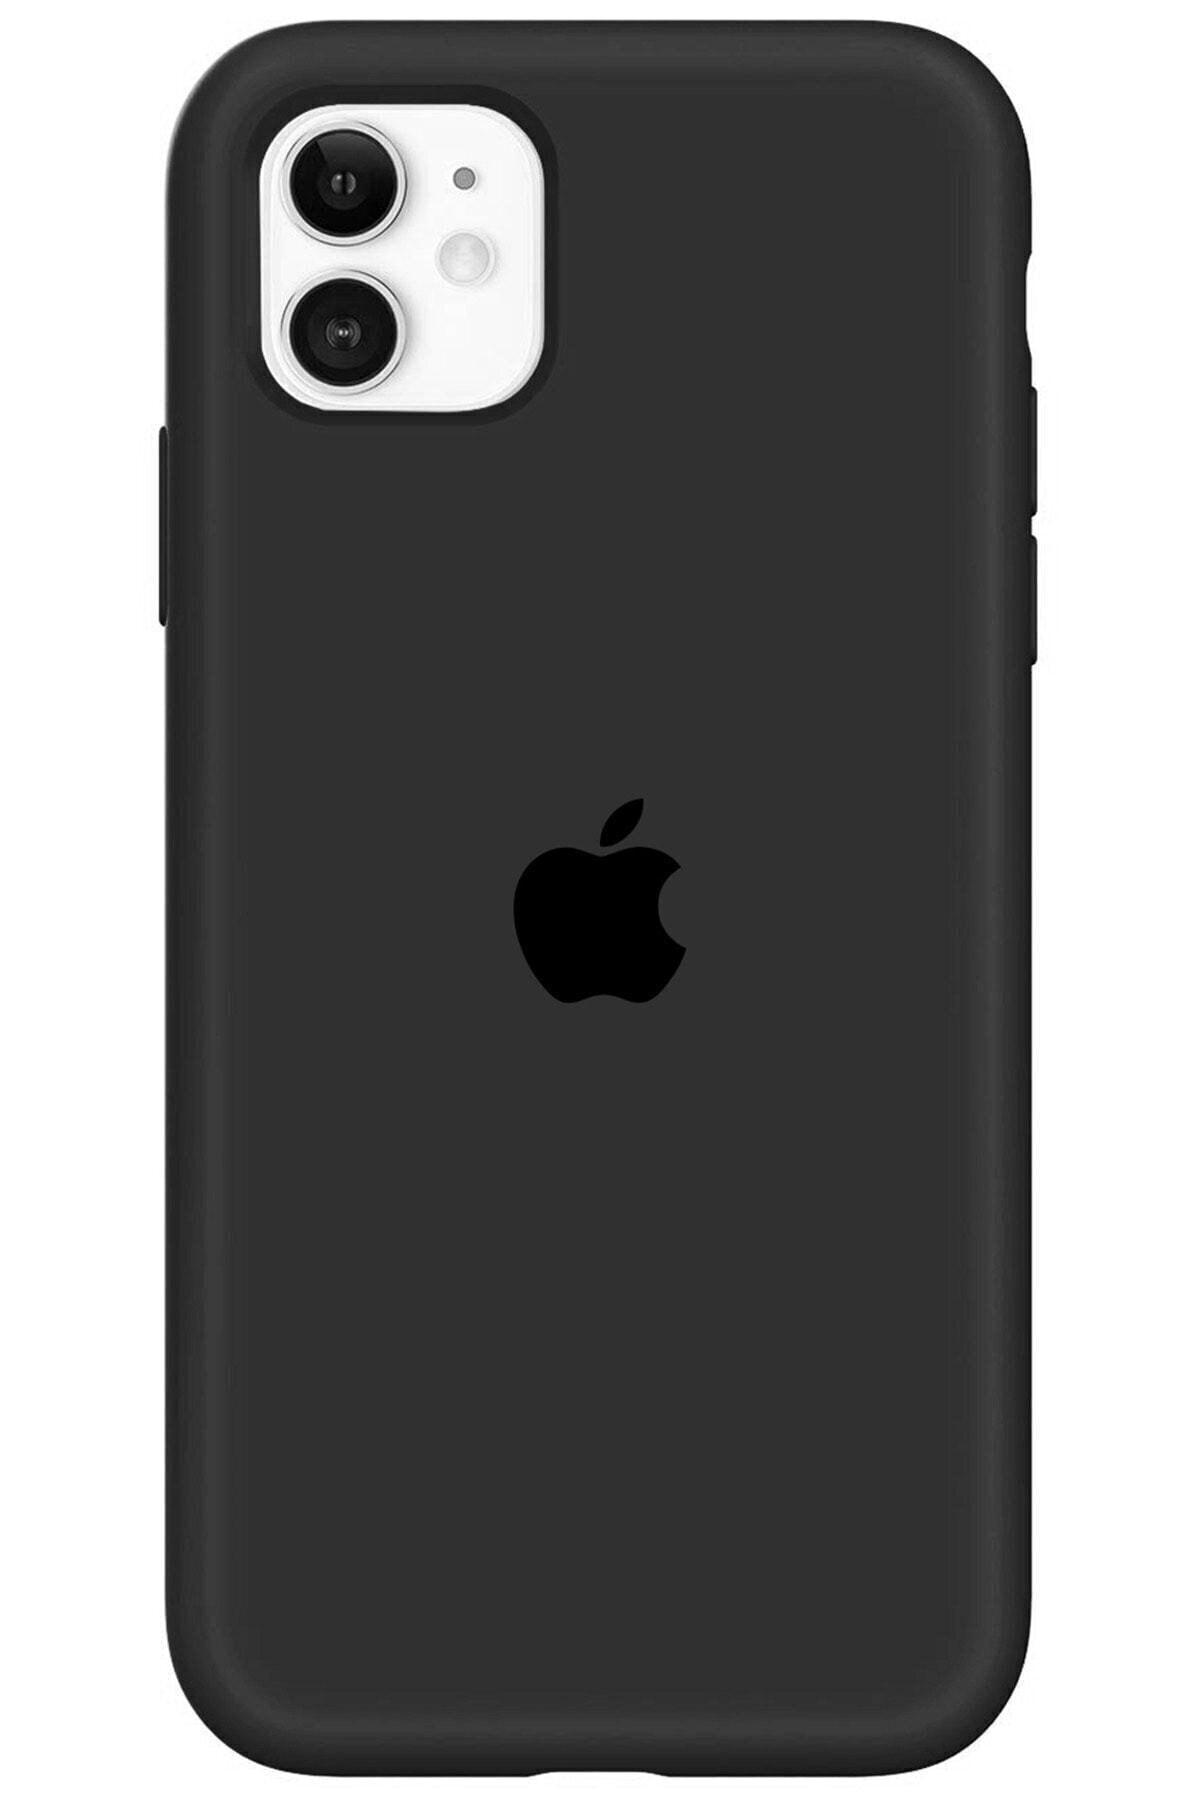 Iphone 11 Lansman Siyah Kılıf Altı Kapalı Iç Kısmı Kadife